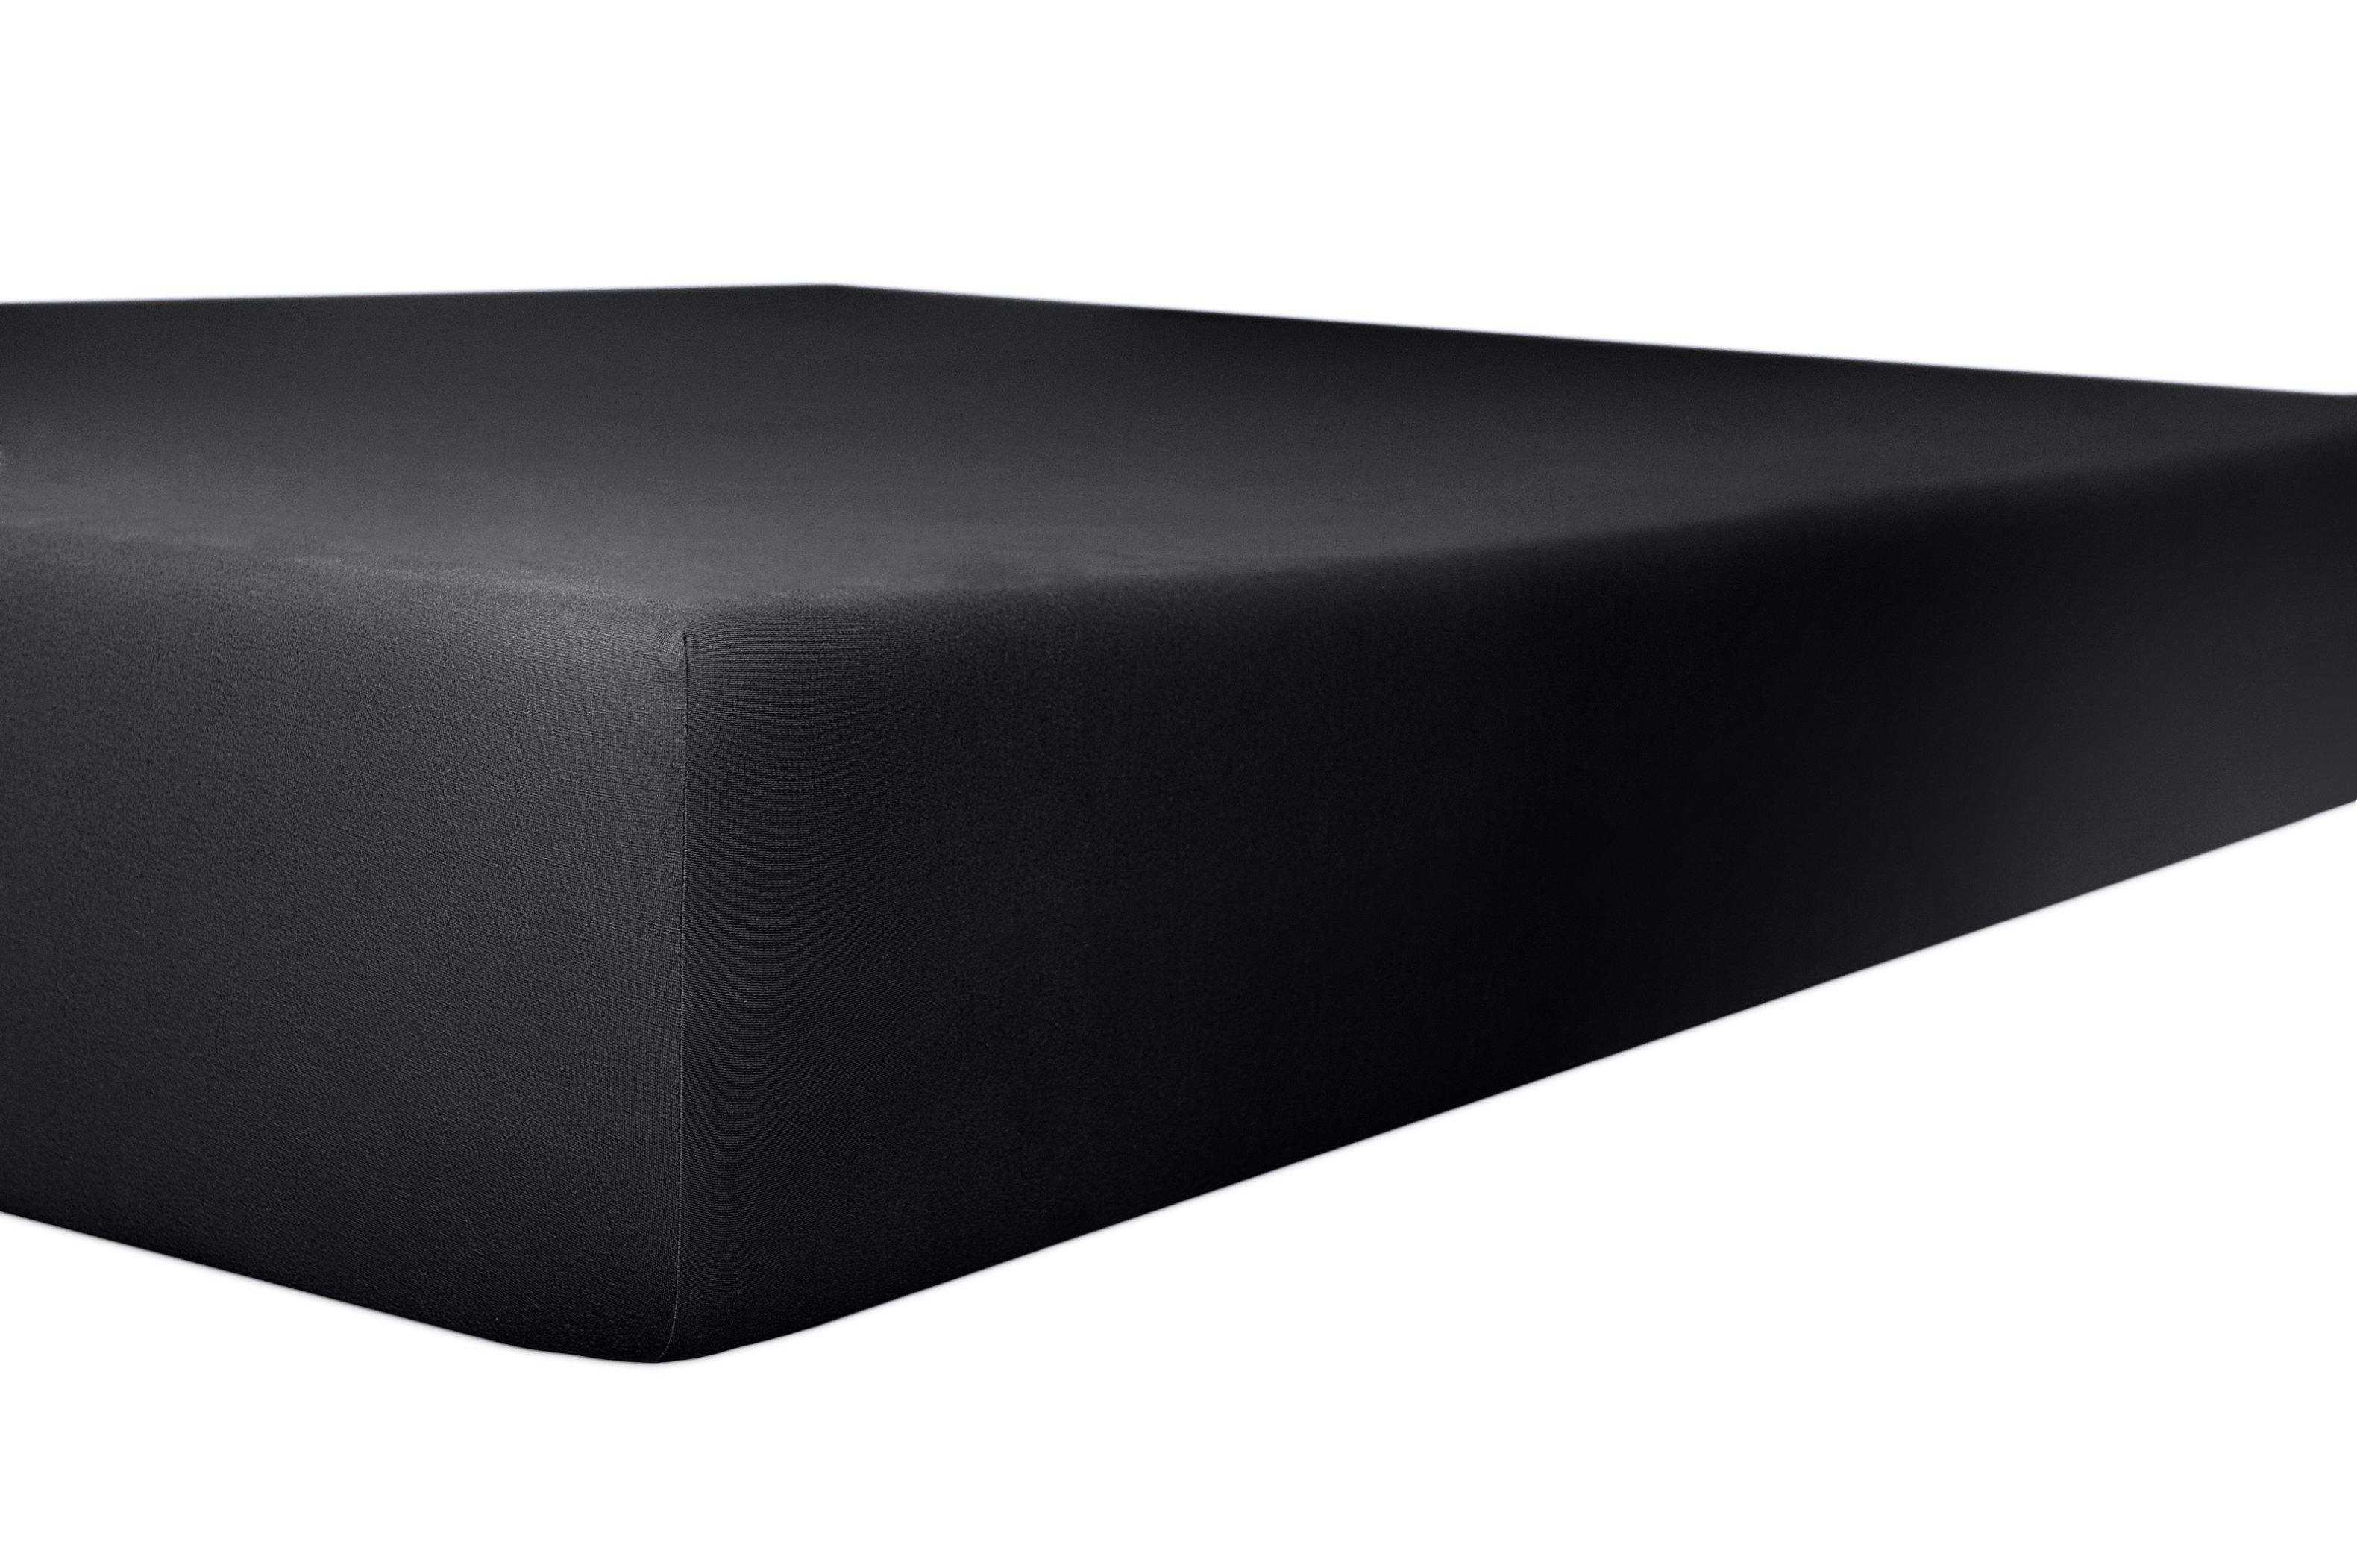 Spannbetttuch onyx,180x200cm